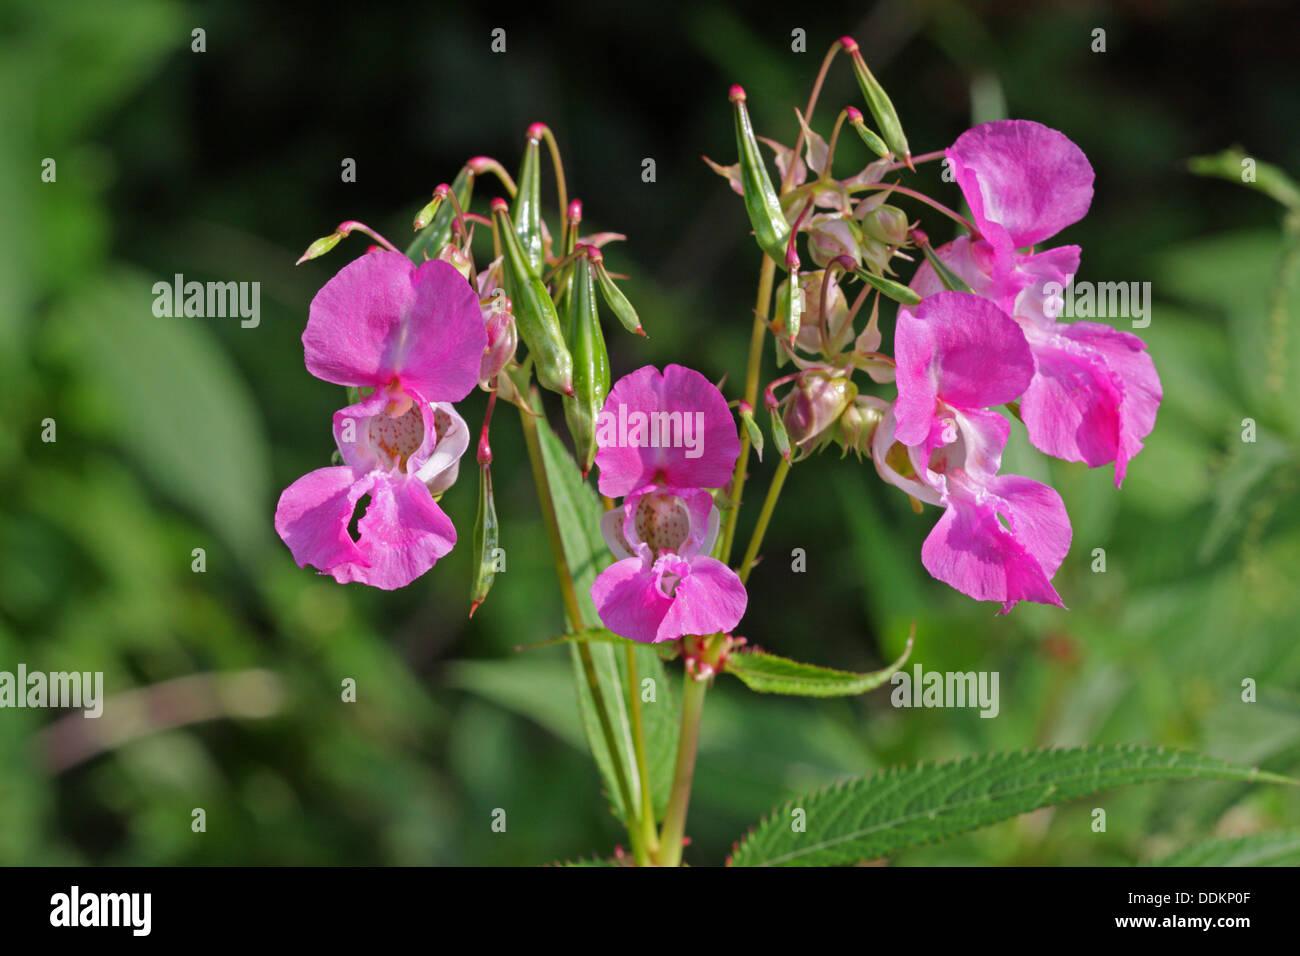 L'Himalayan Balsamina Impatiens glandulifera, Close-up di fiori, Lea Valley, Essex, Regno Unito Foto Stock